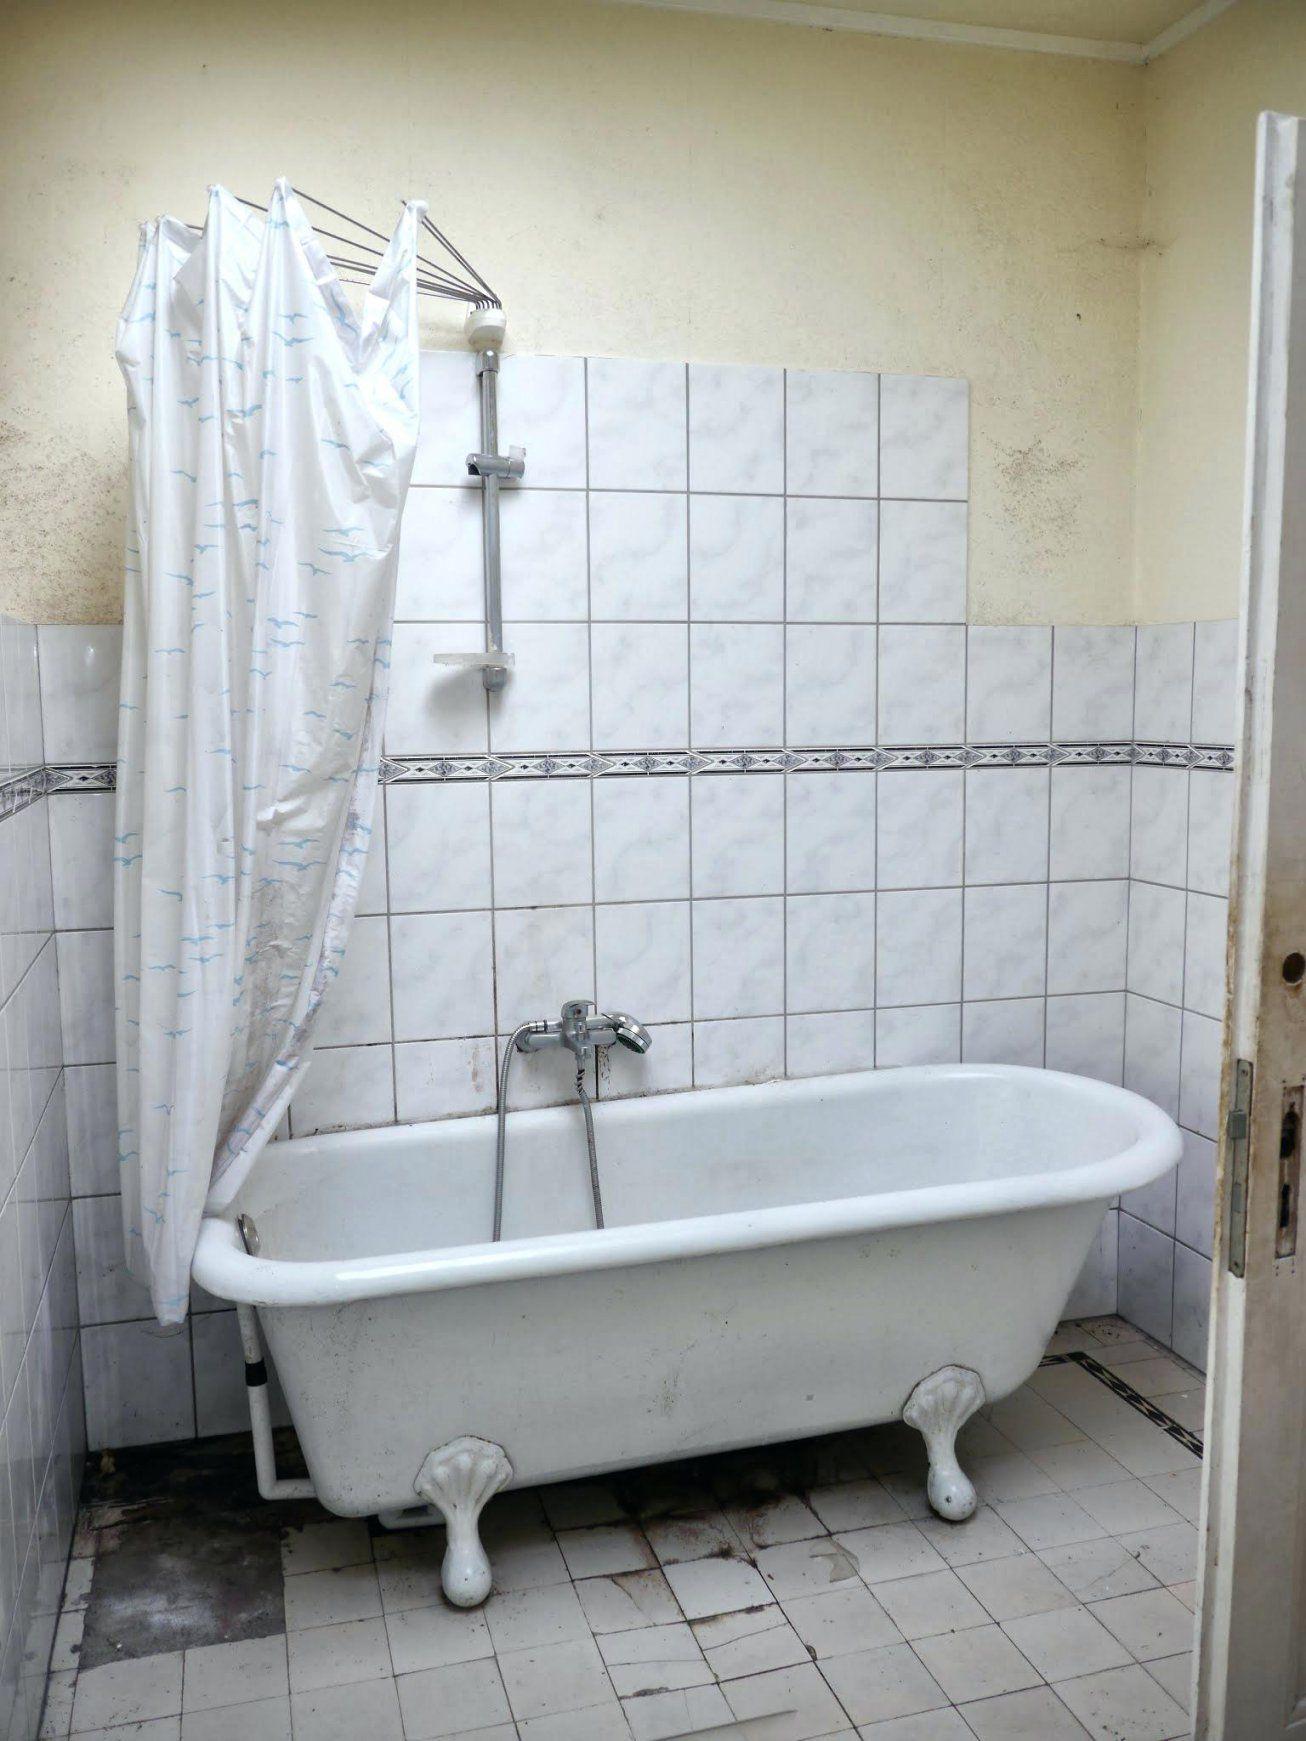 Duschvorhangstange L Form Top Duschvorhang Ohne Bohren Wenko Von Duschvorhangstange Badewanne Badewanne Duschvorhangstange Dusche